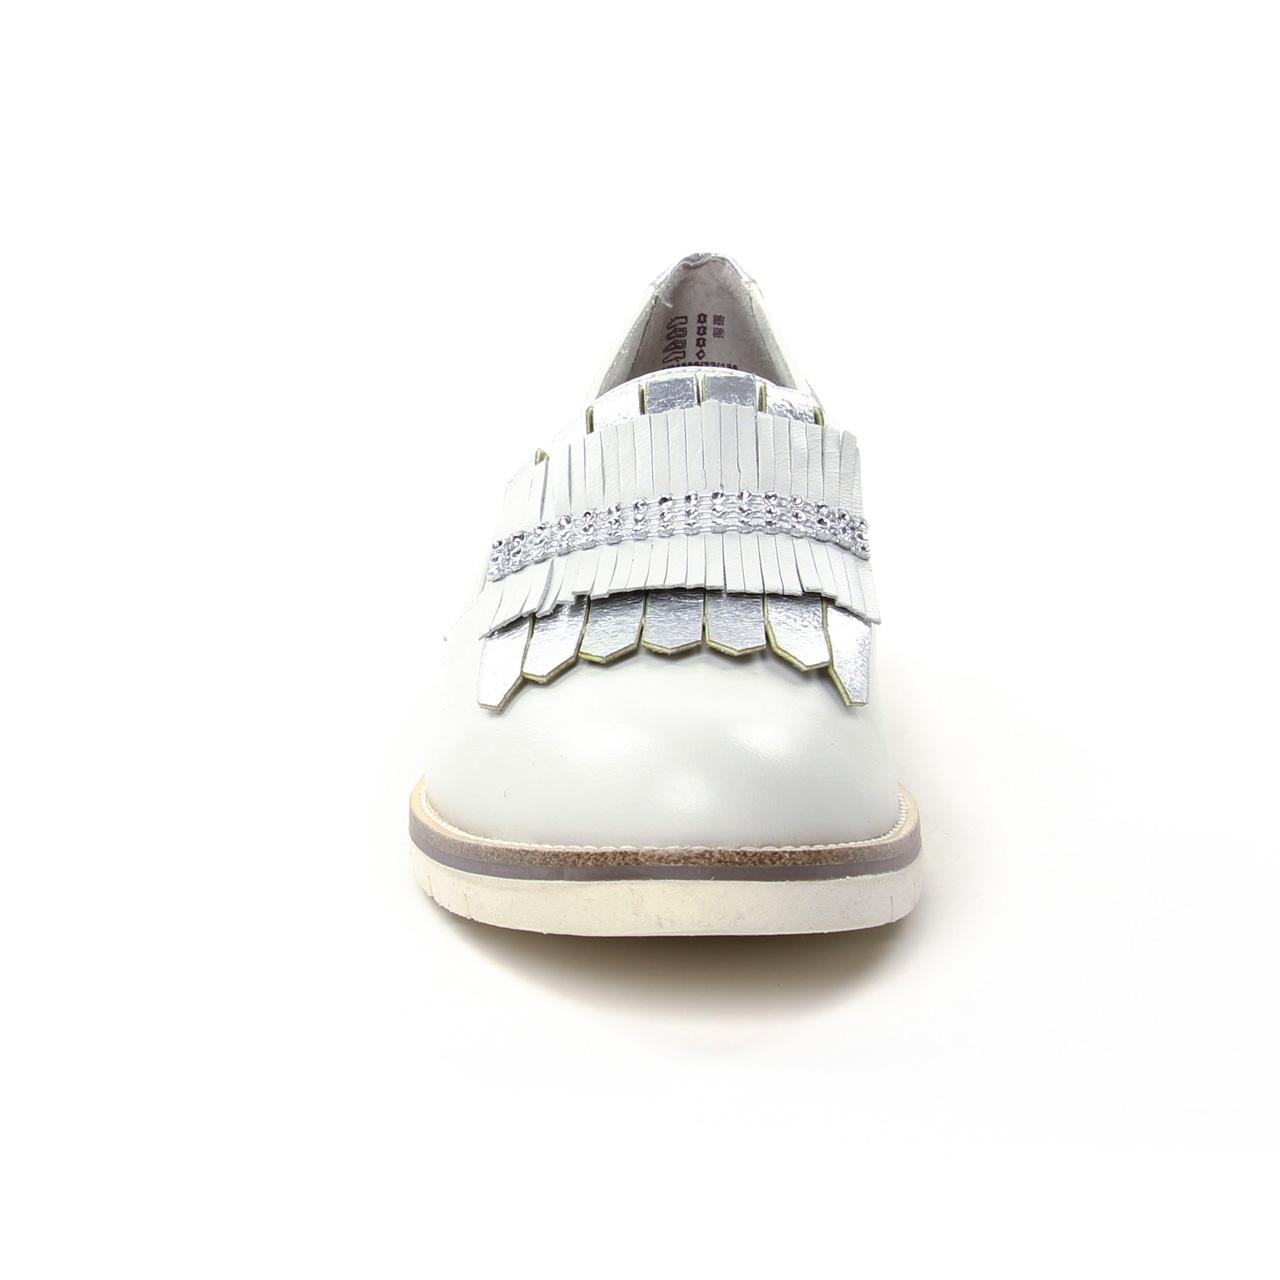 Tamaris 24305 White | Mocassin Slippers blanc printemps été